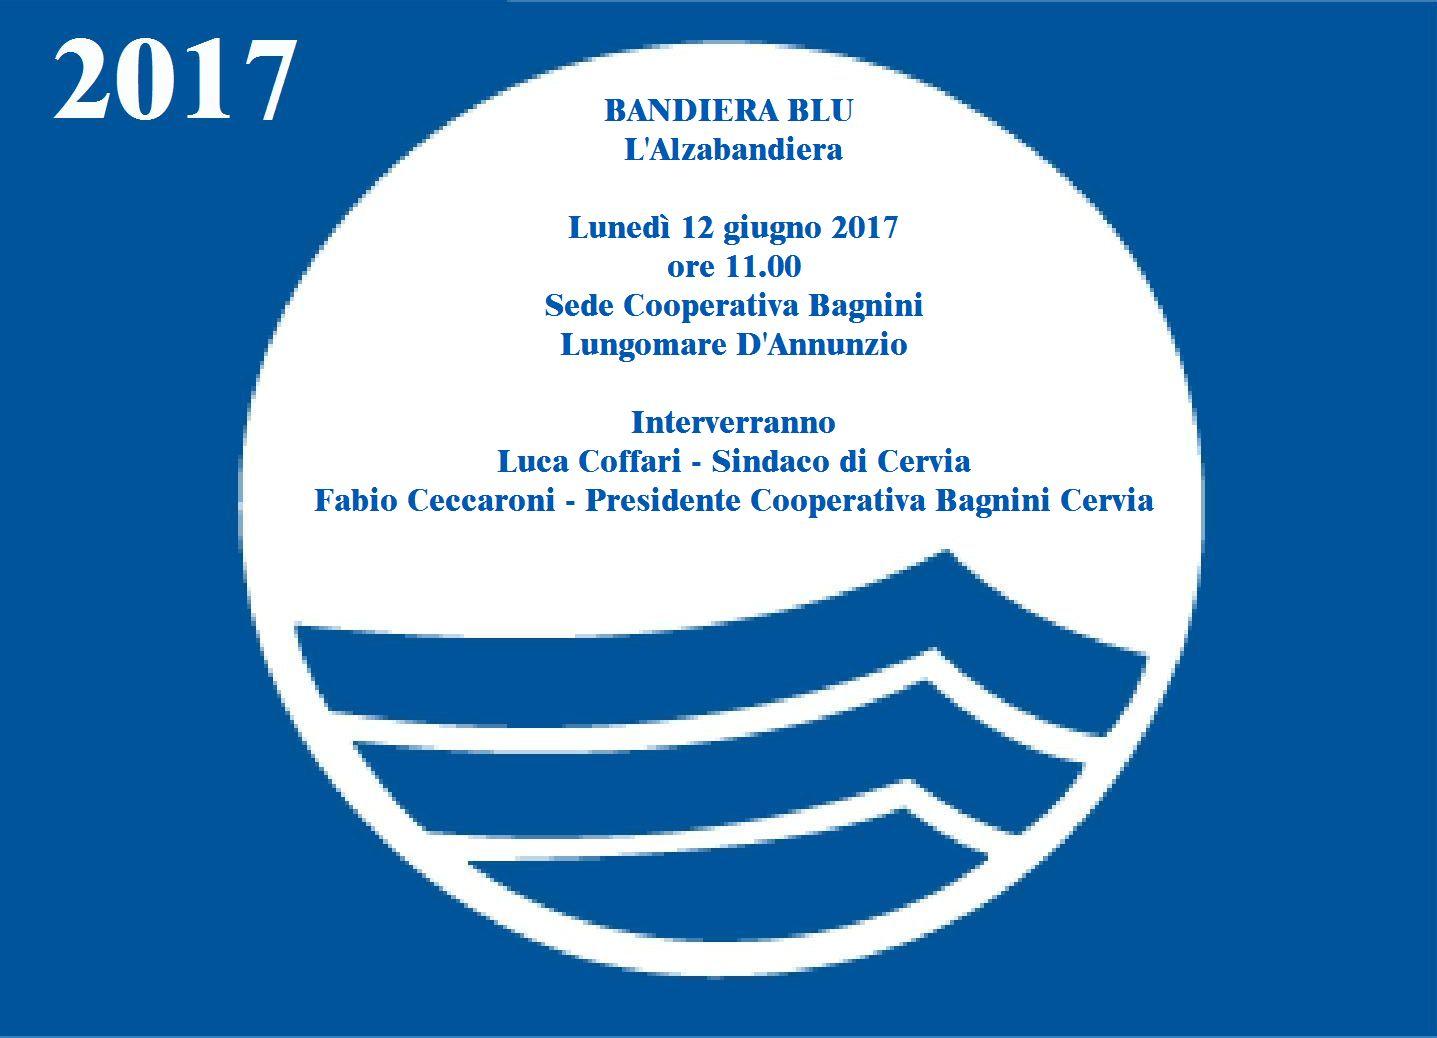 Cooperativa Bagnini Cervia Invito Alla Cerimonia Della Bandiera Blu